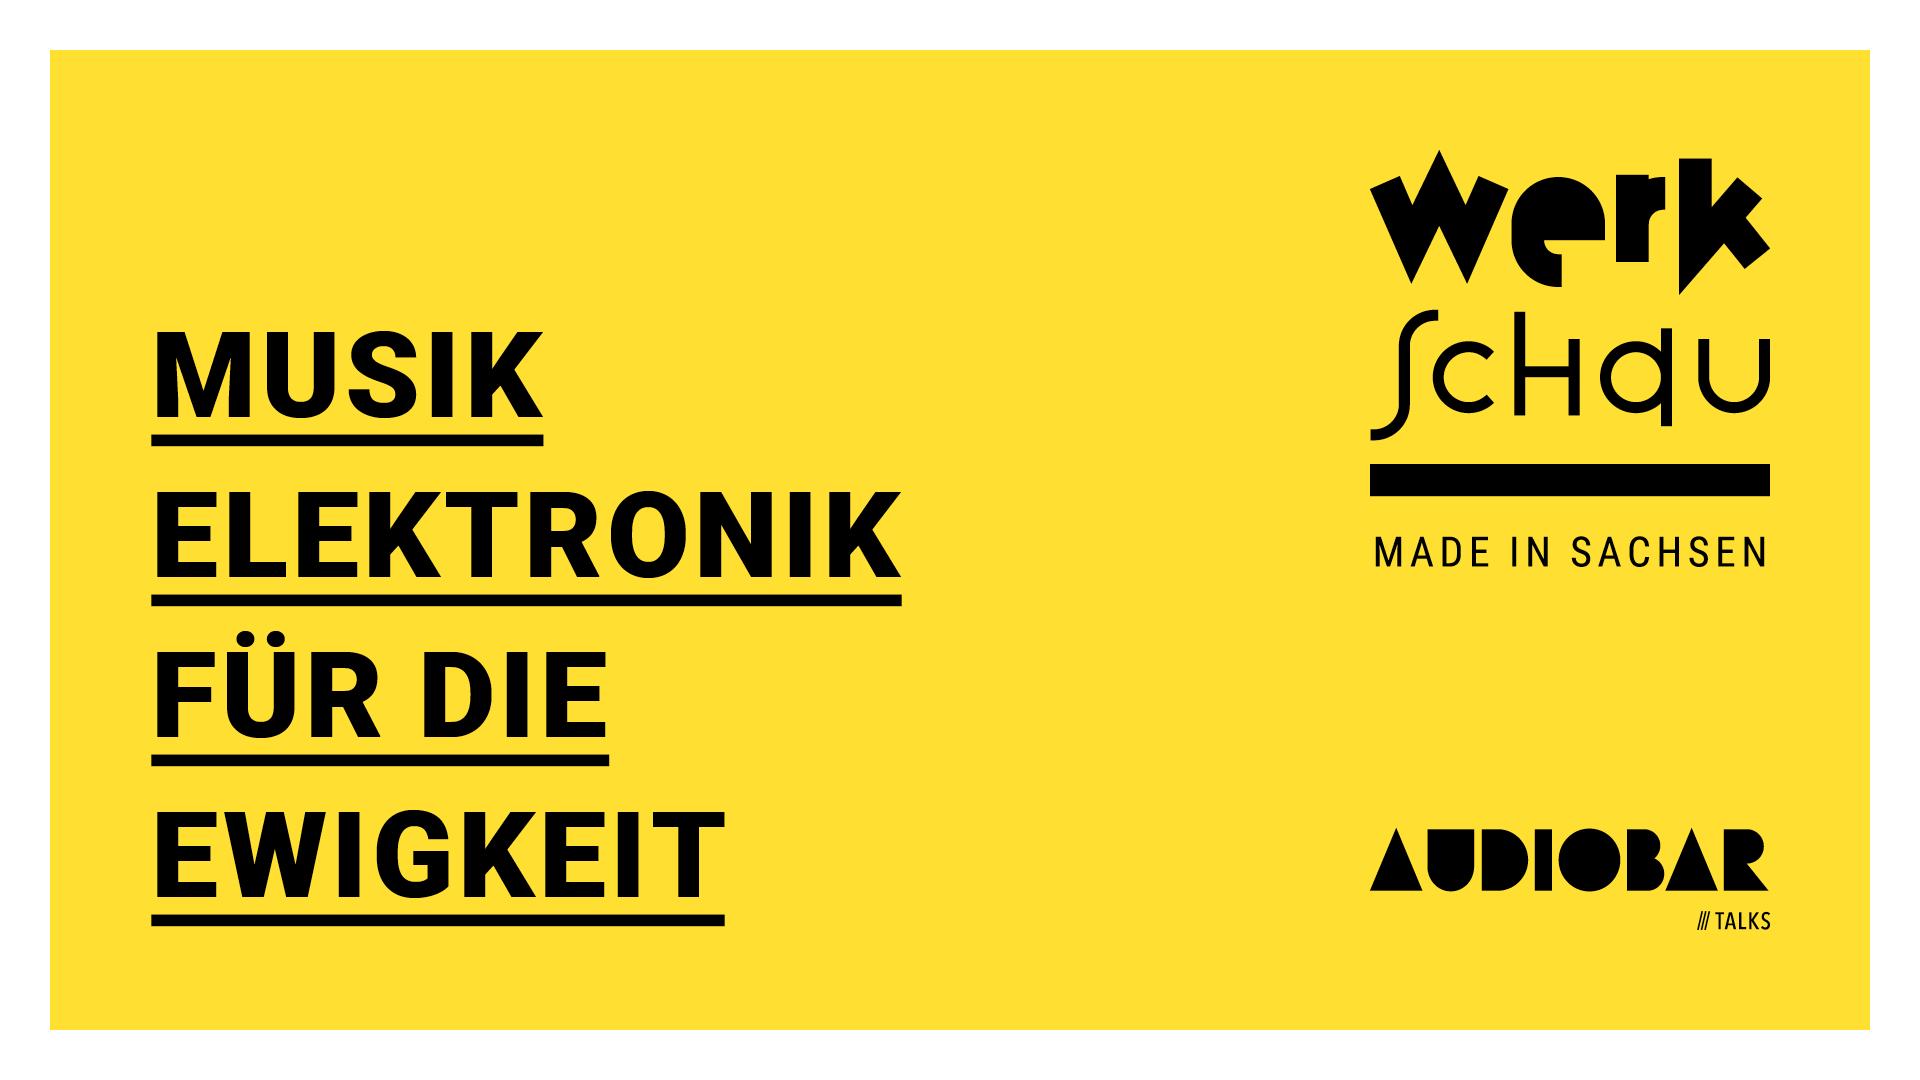 KreativesSachsen_WerkSchau_Audiobar_